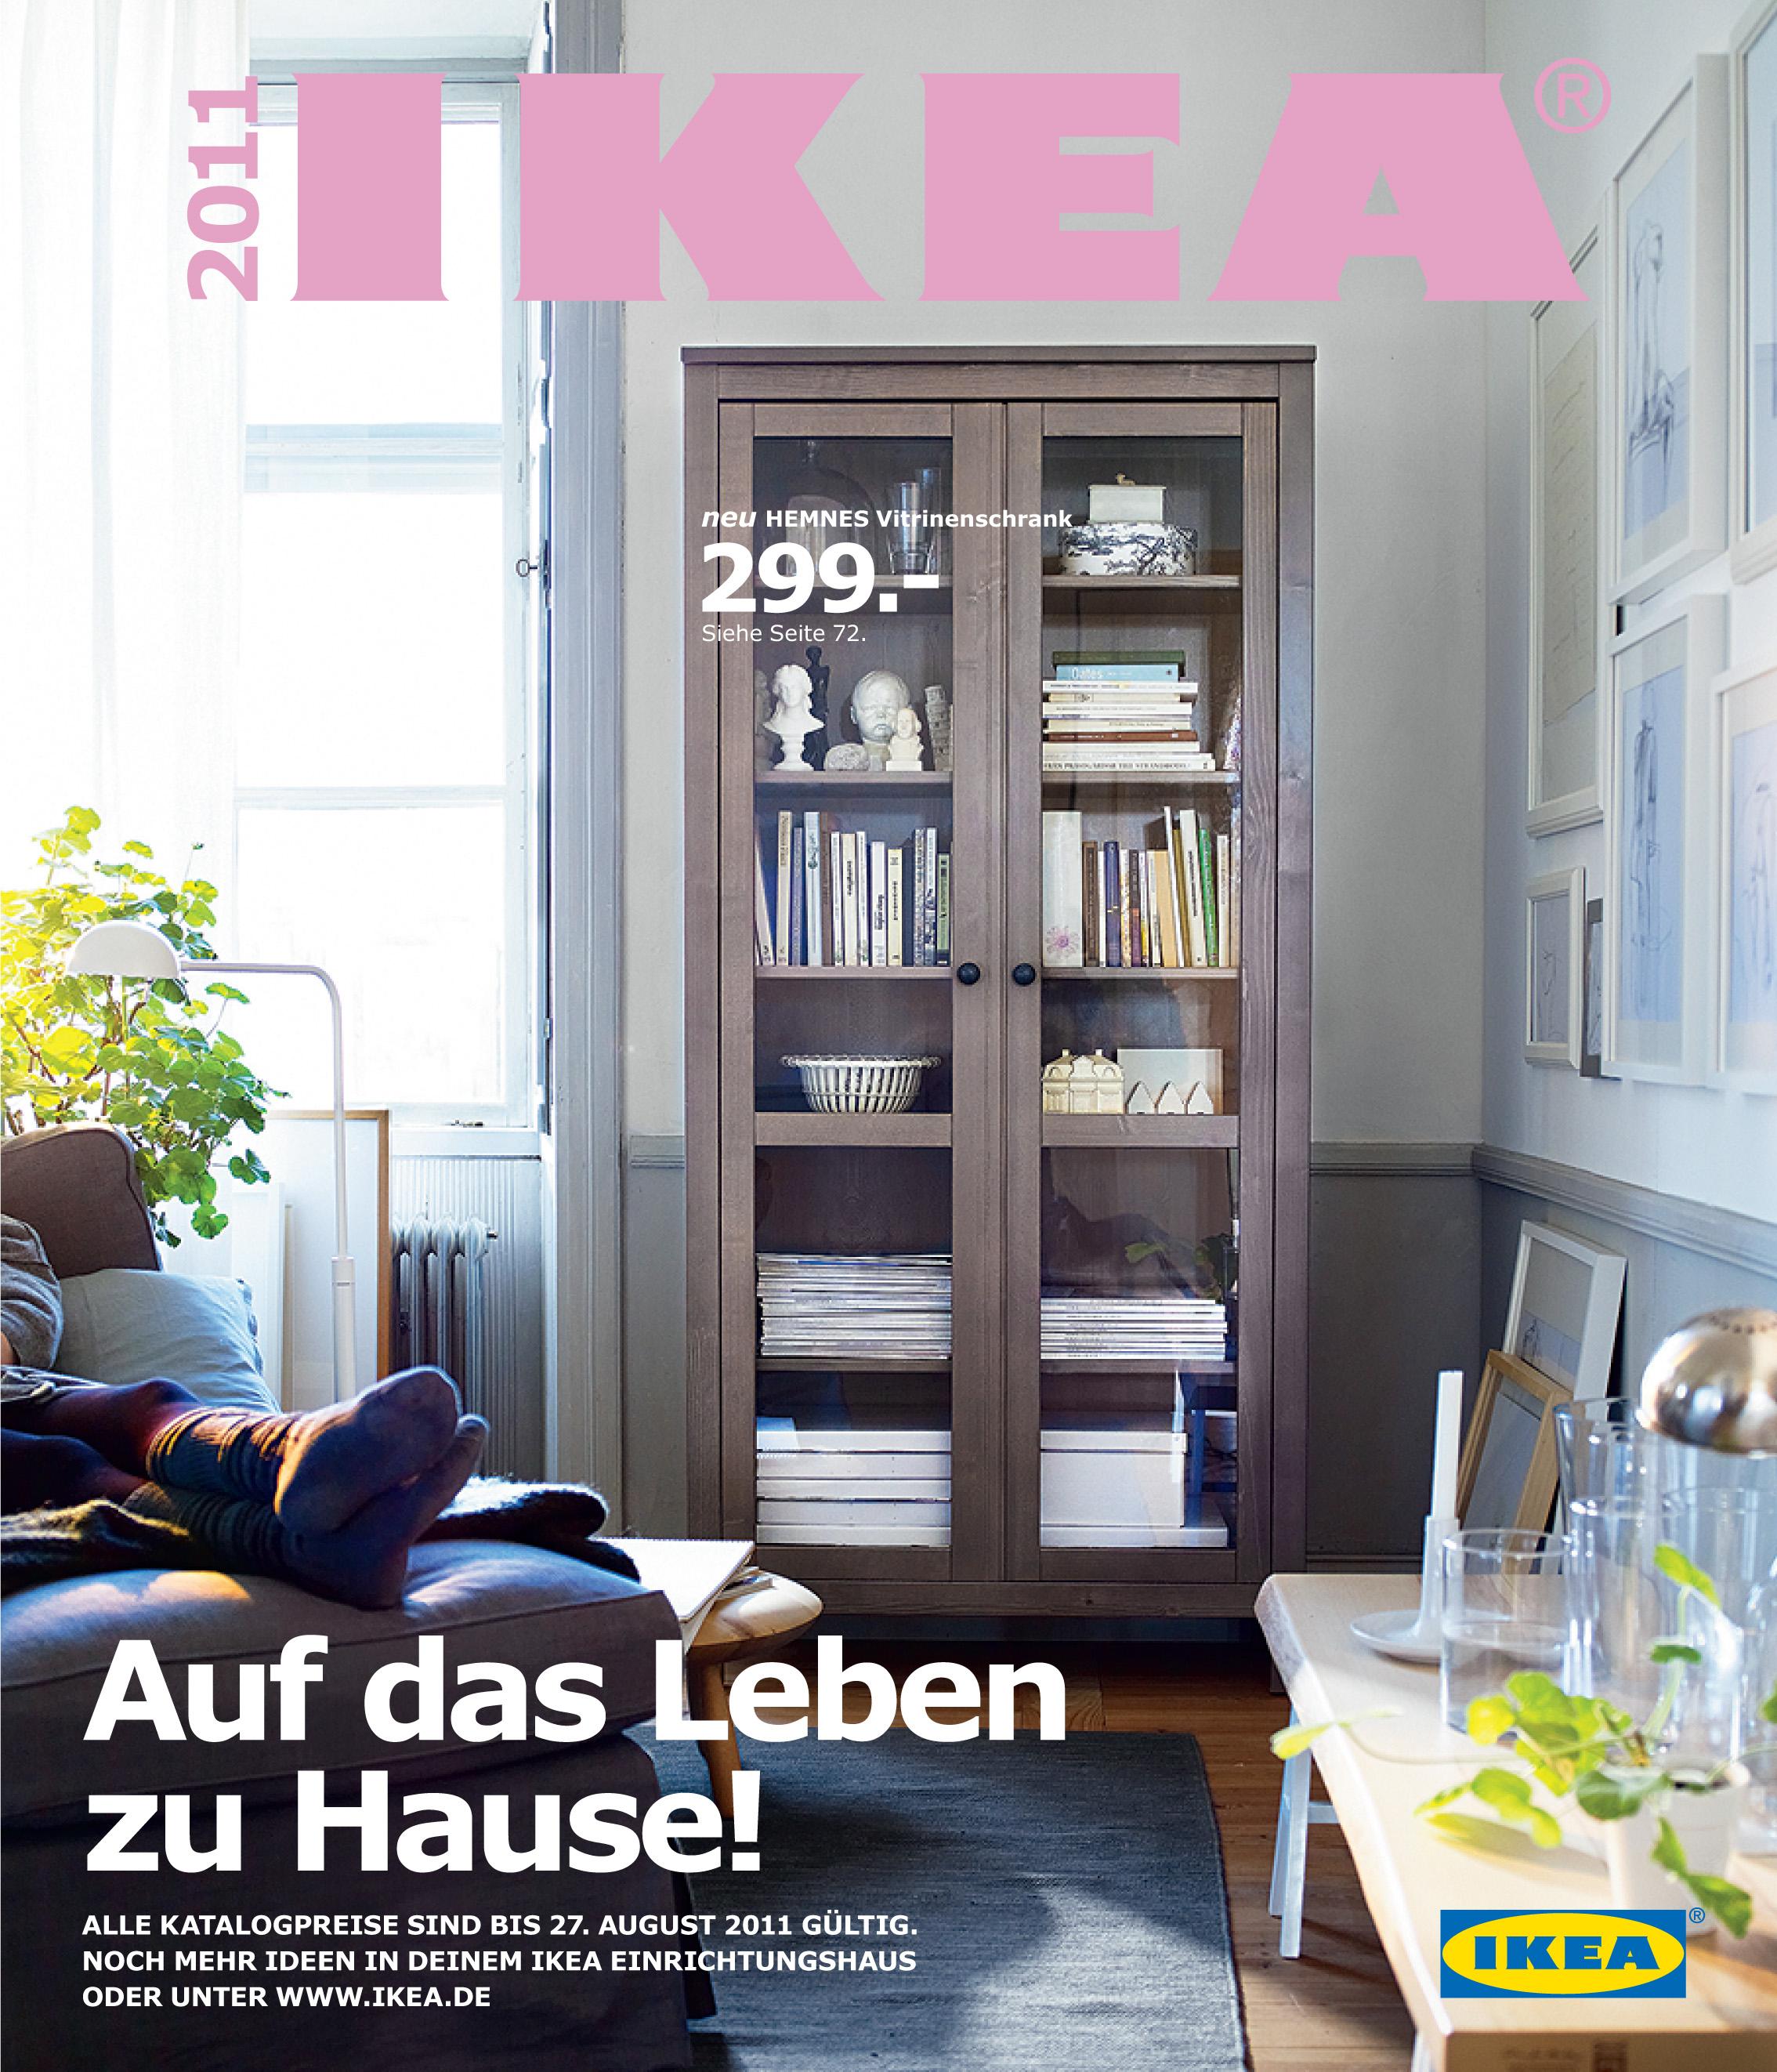 mccann new york gewinnt weltweiten katalogetat von ikea. Black Bedroom Furniture Sets. Home Design Ideas